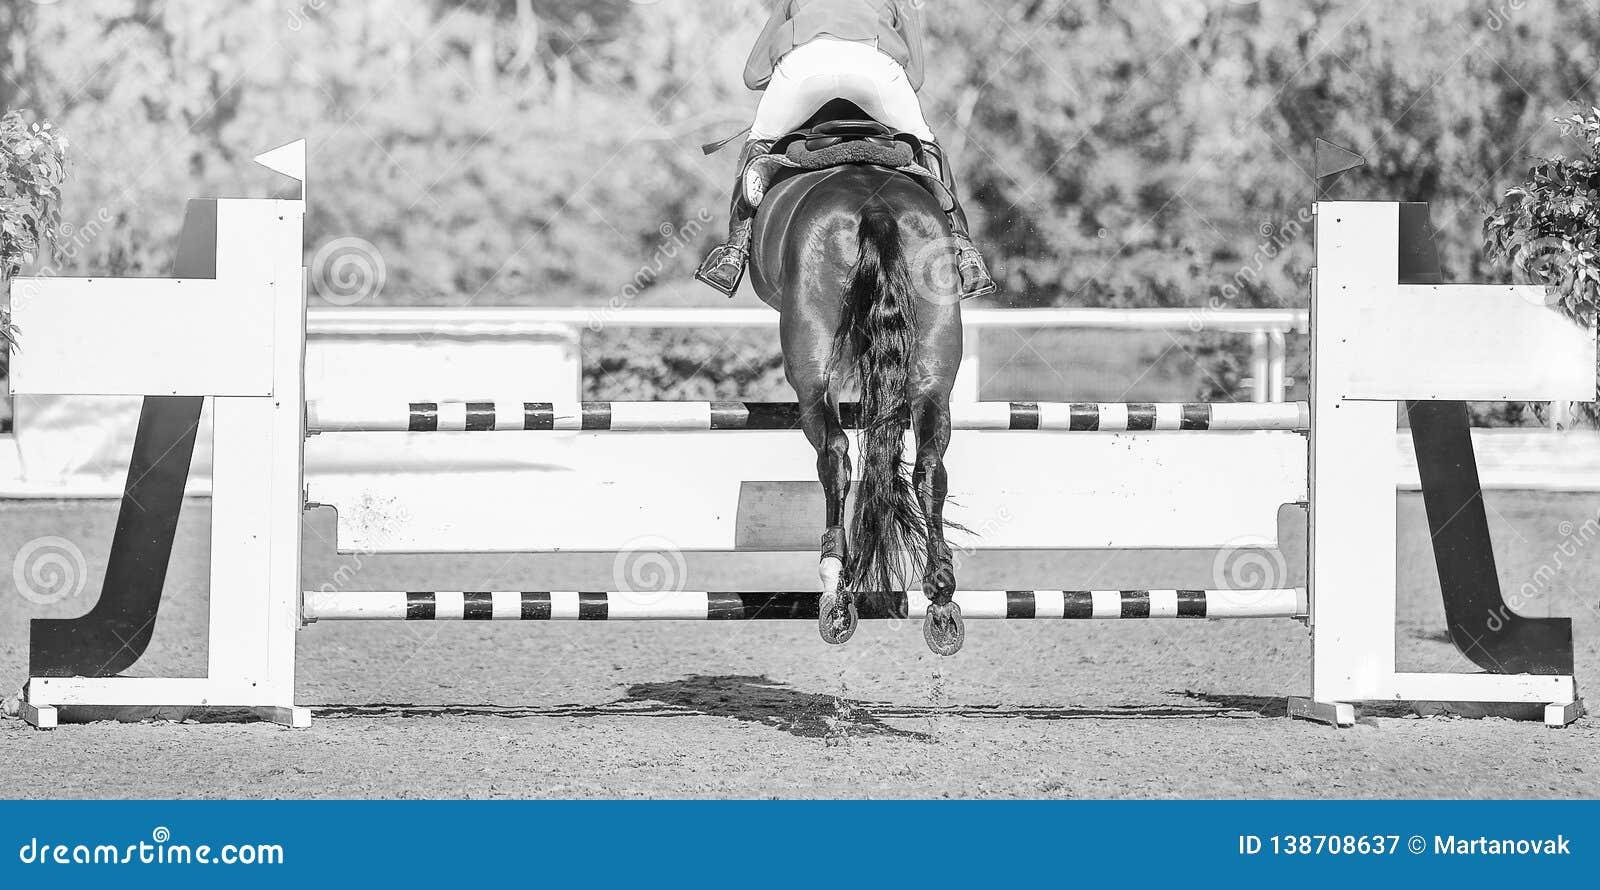 Horse Horizontal Black And White Banner For Website Header Poster Wallpaper Monochrome Design Stock Image Image Of Mammal Jockey 138708637